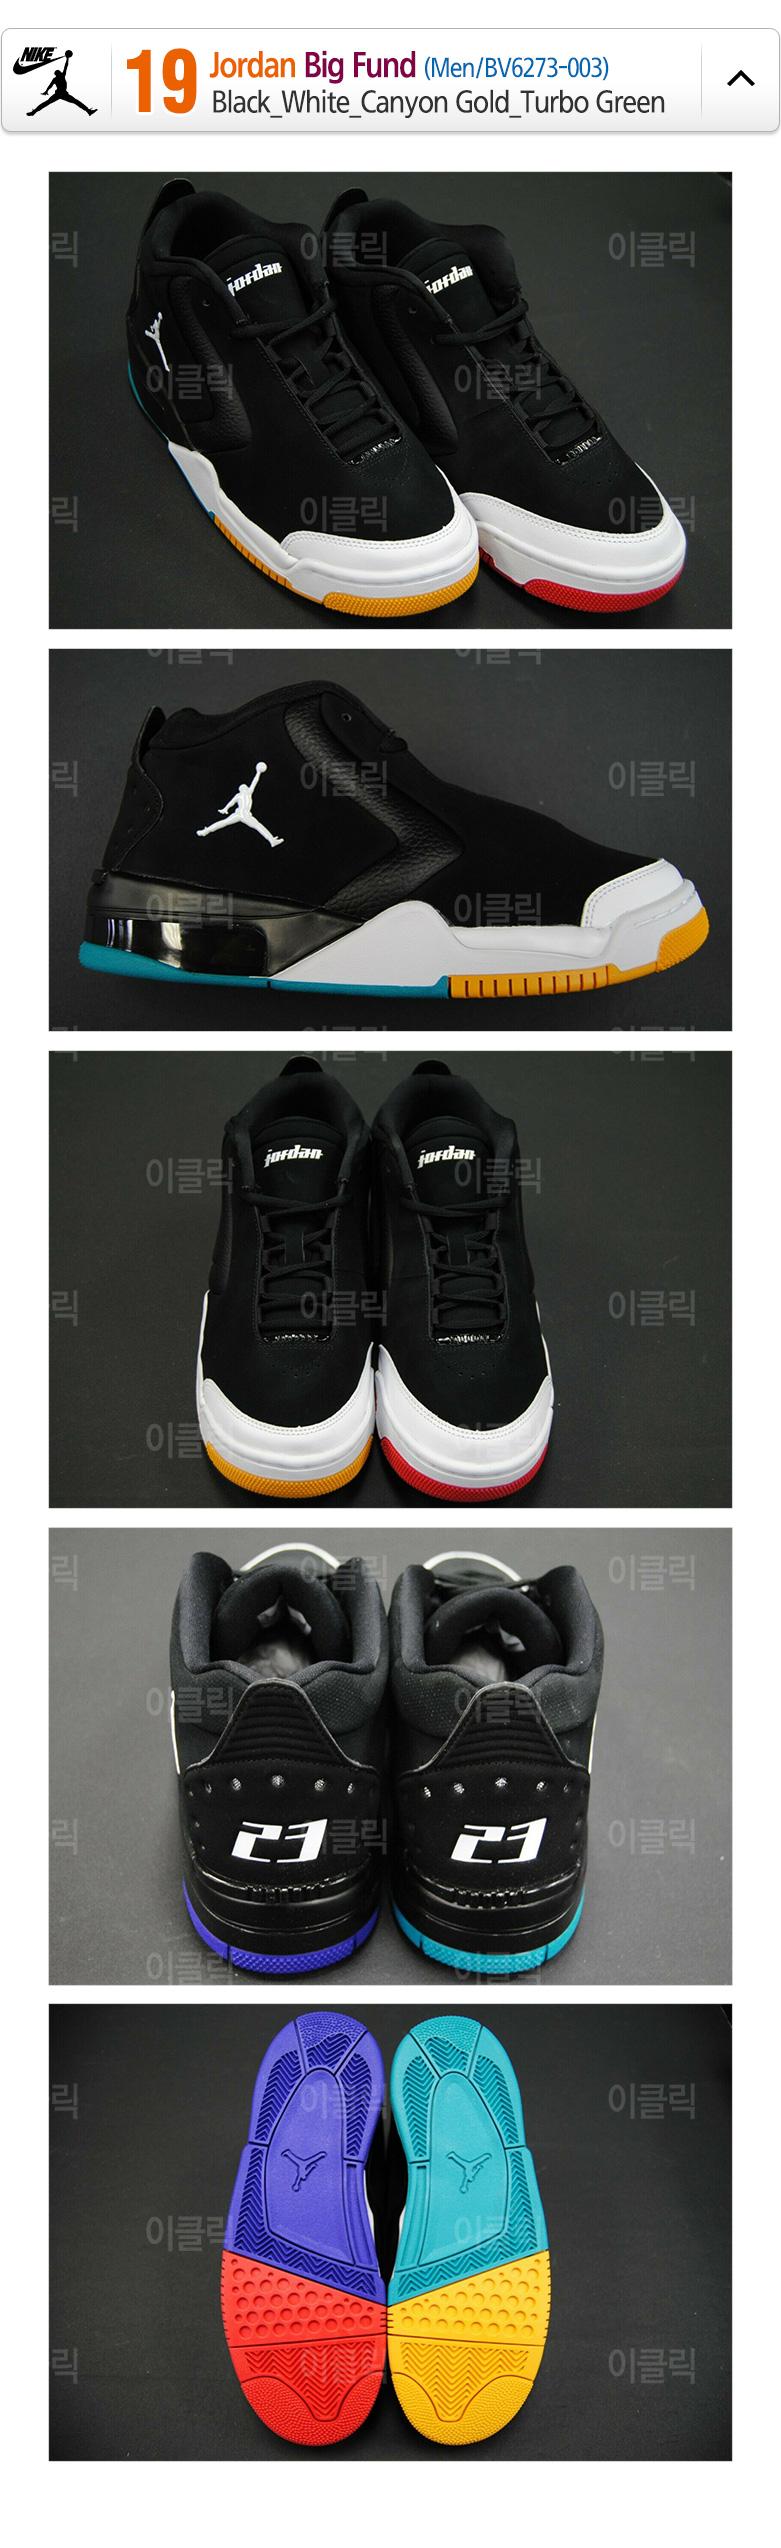 4255c45e6b1ff6 Nike  Air Jordan Sneakers Collection (Mens) - 11STREET